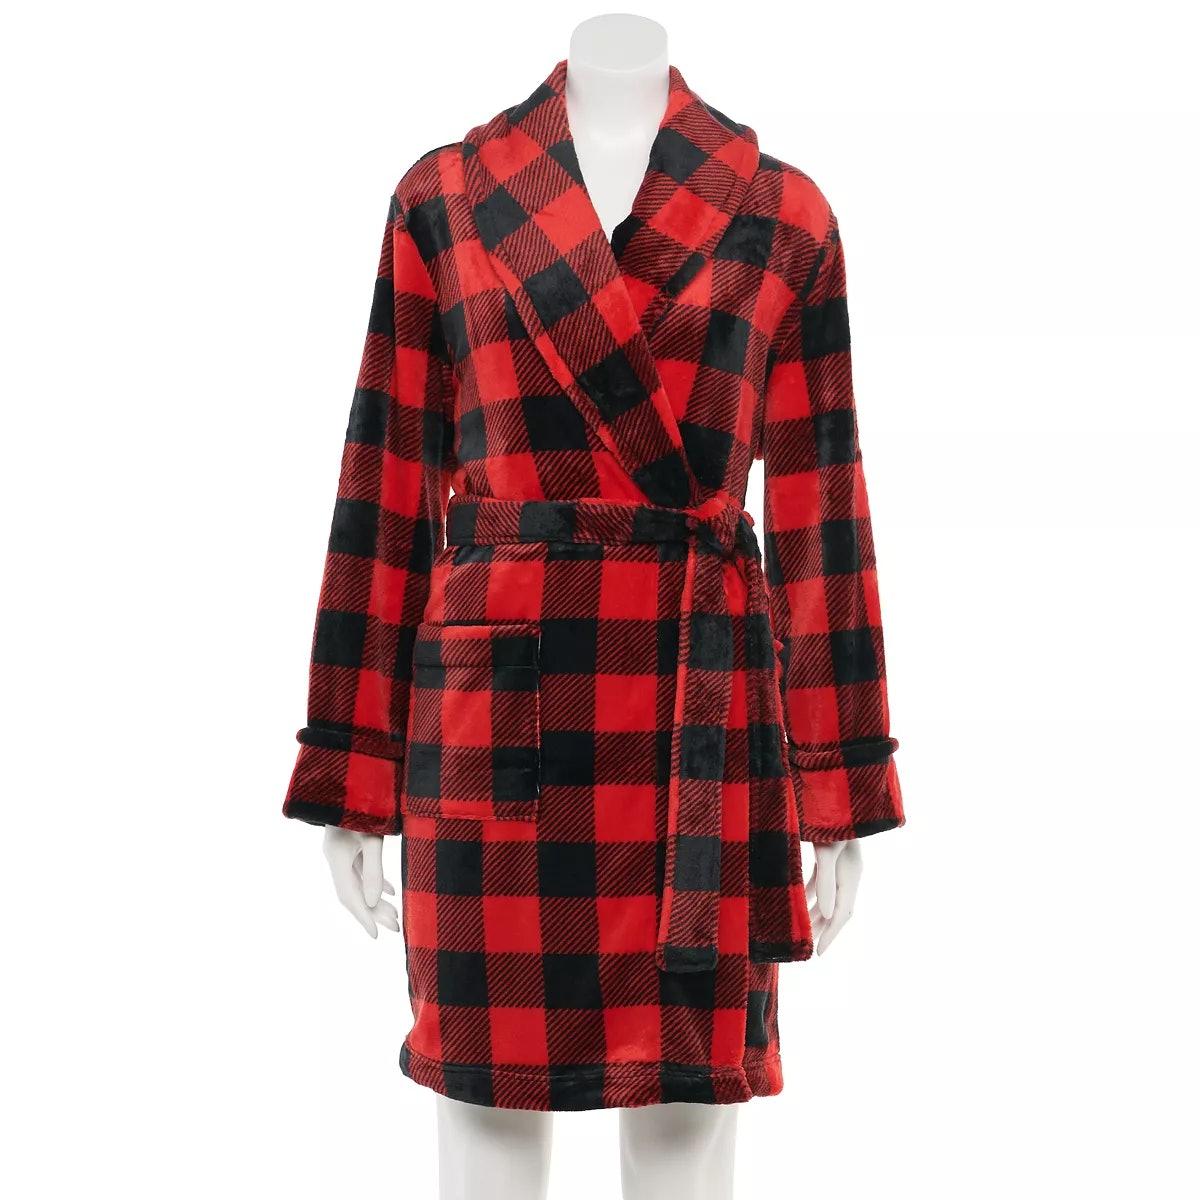 Sonoma Goods For Life Women's Plush Robe